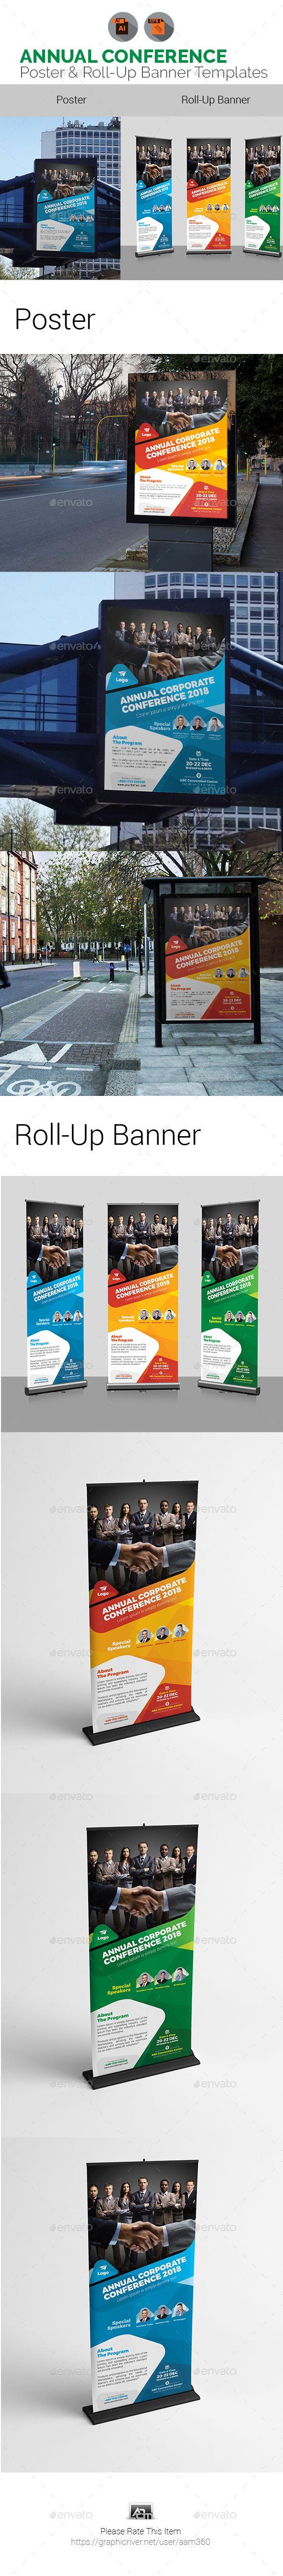 Annual Corporate EventConference Signage Bundle  Corporate